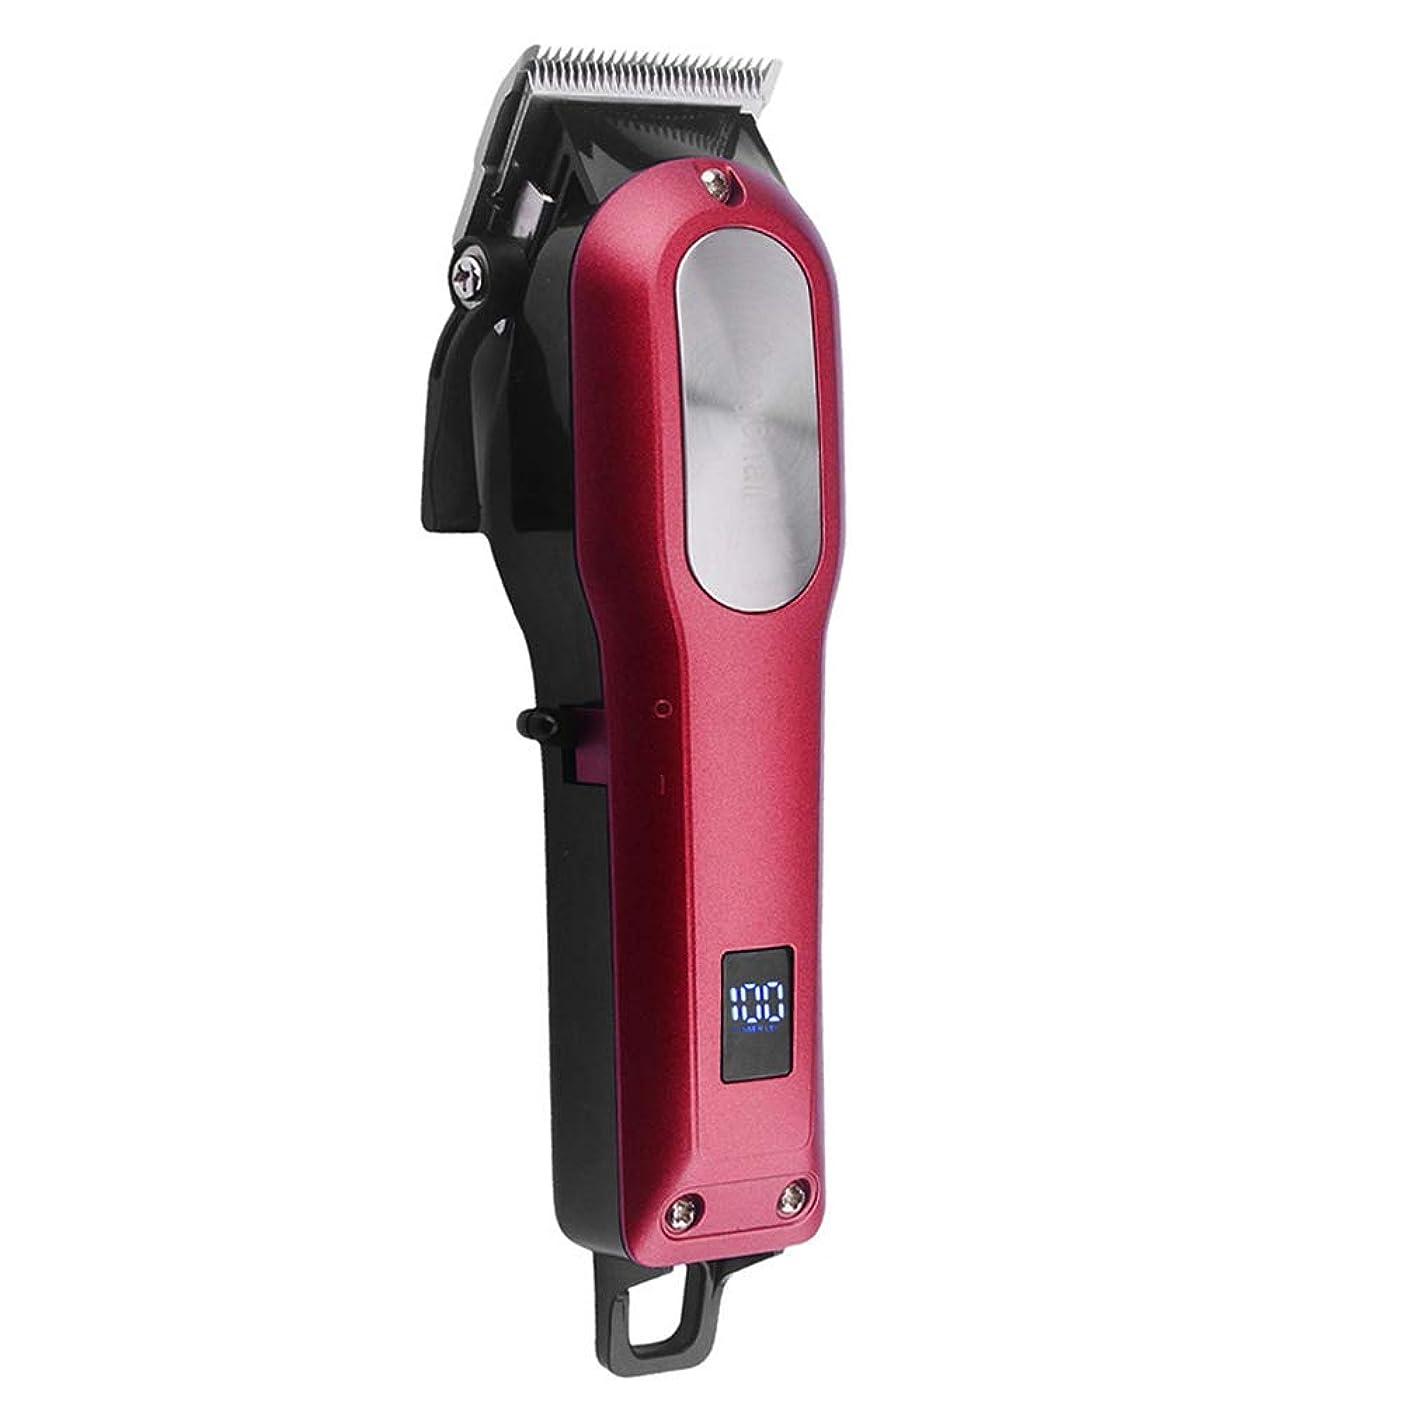 歯科医動員する隠されたCOSYONALL 電動バリカン 充電式ヘアカッター レバー式バリカン プロ 0.8-2mm刈り高さ調整可能 LEDディスプレイ 4時間連続使用 ヒゲトリマー ヘアクリッパー コードレス 低騒音 切れ味抜群 散髪 セット